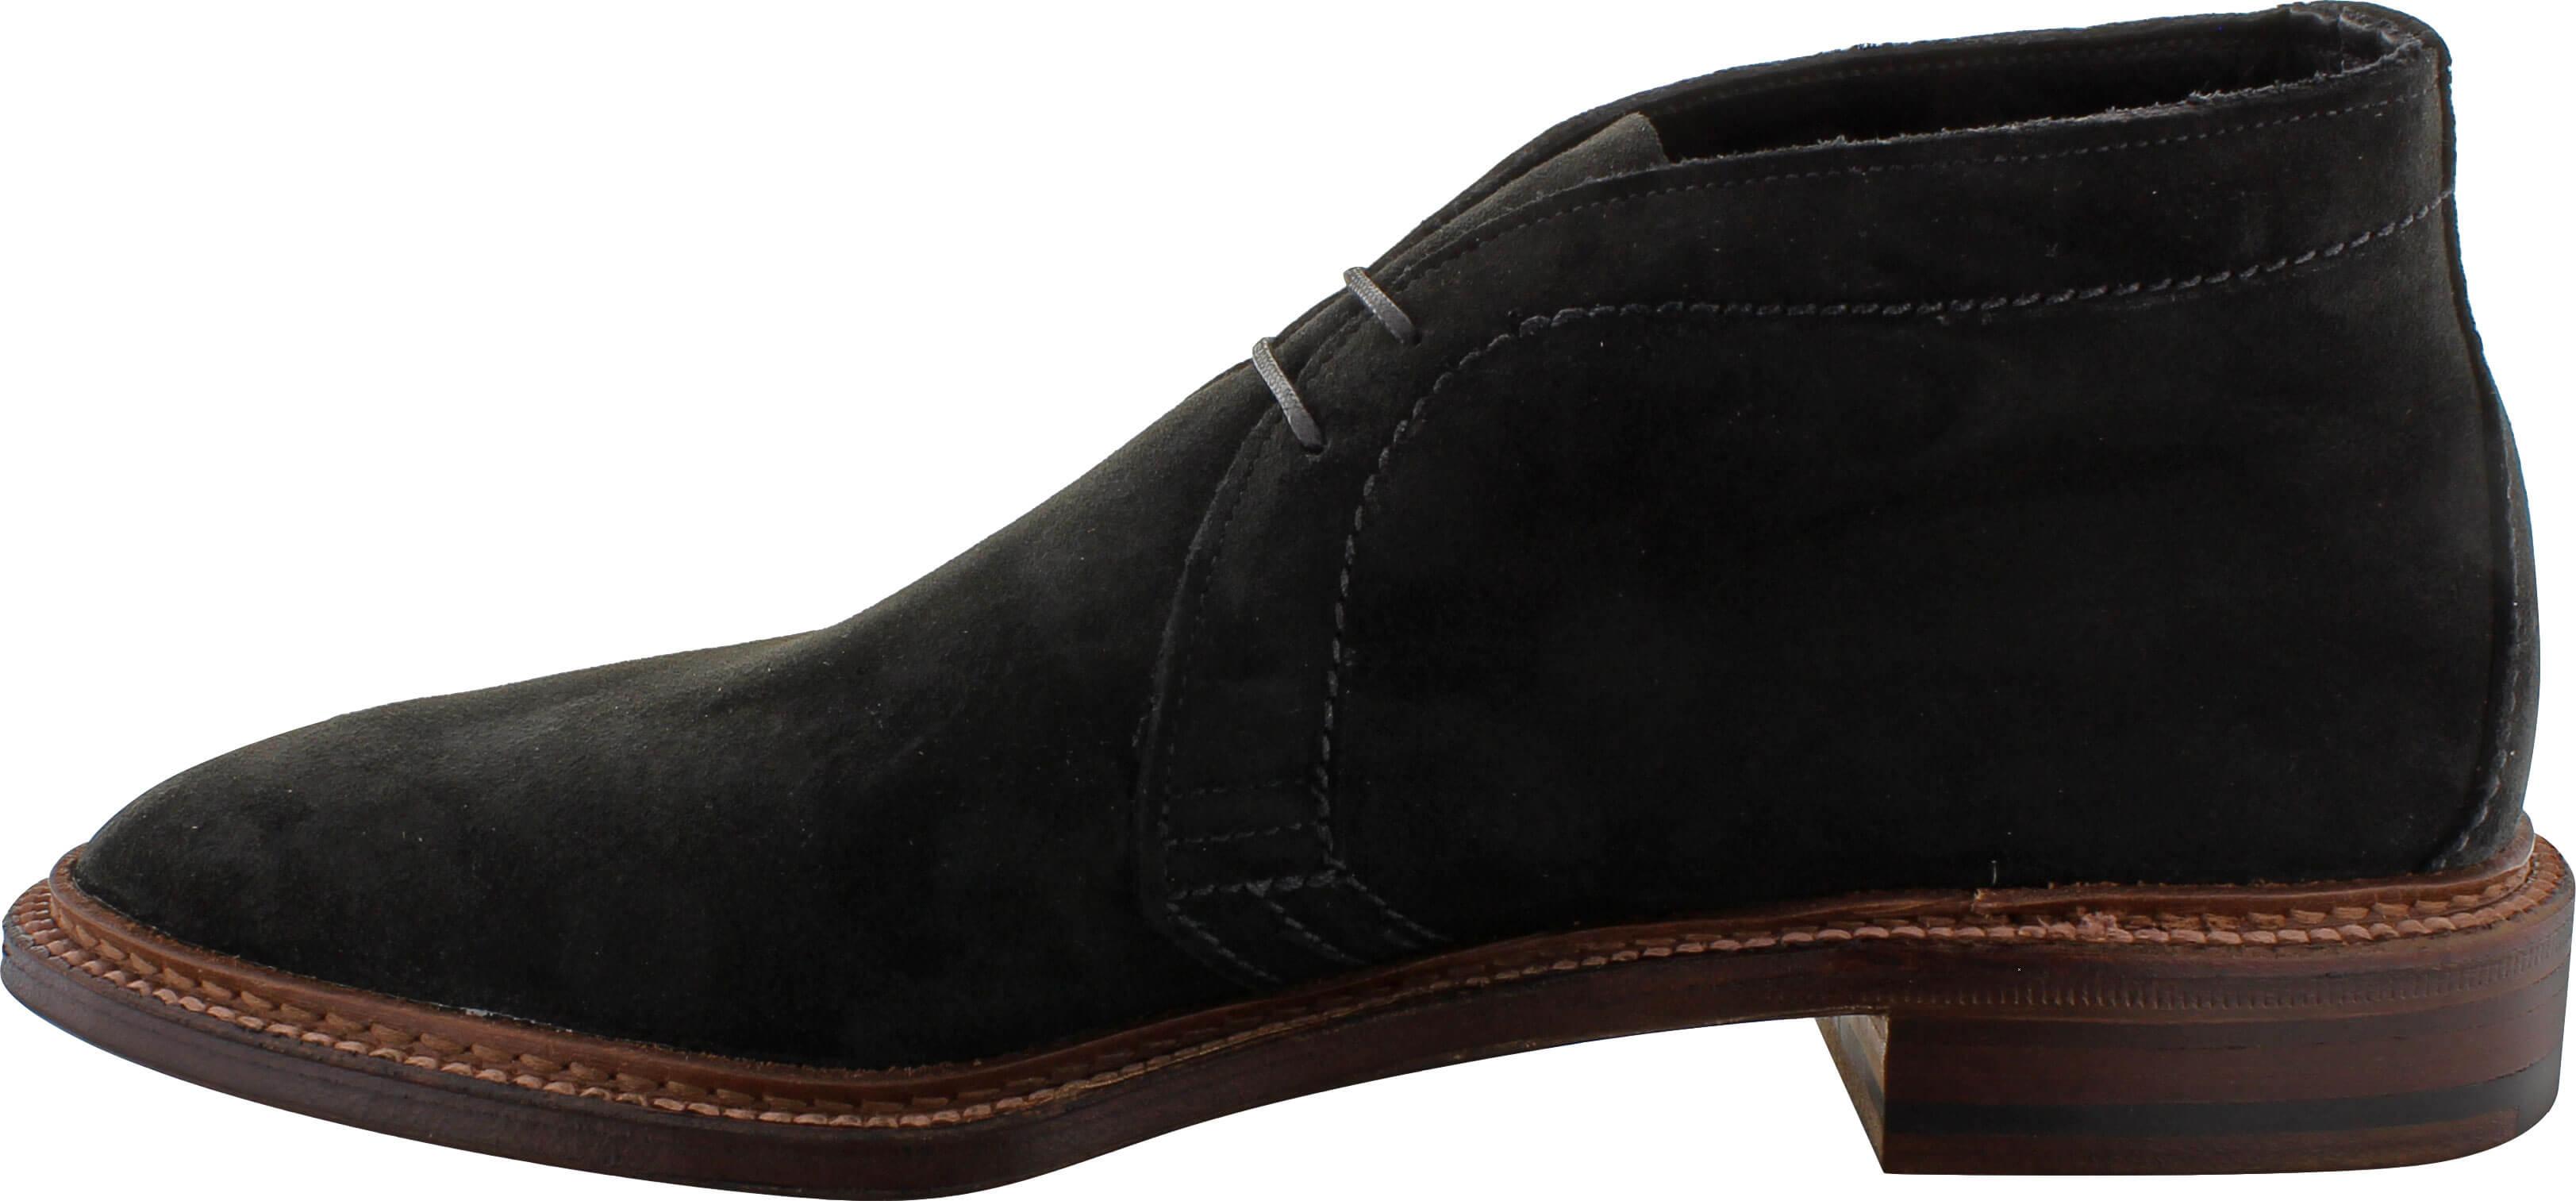 9b01b04d8c6 Alden Men's 1497 - Unlined Chukka Boot Flex Welt - Black Suede